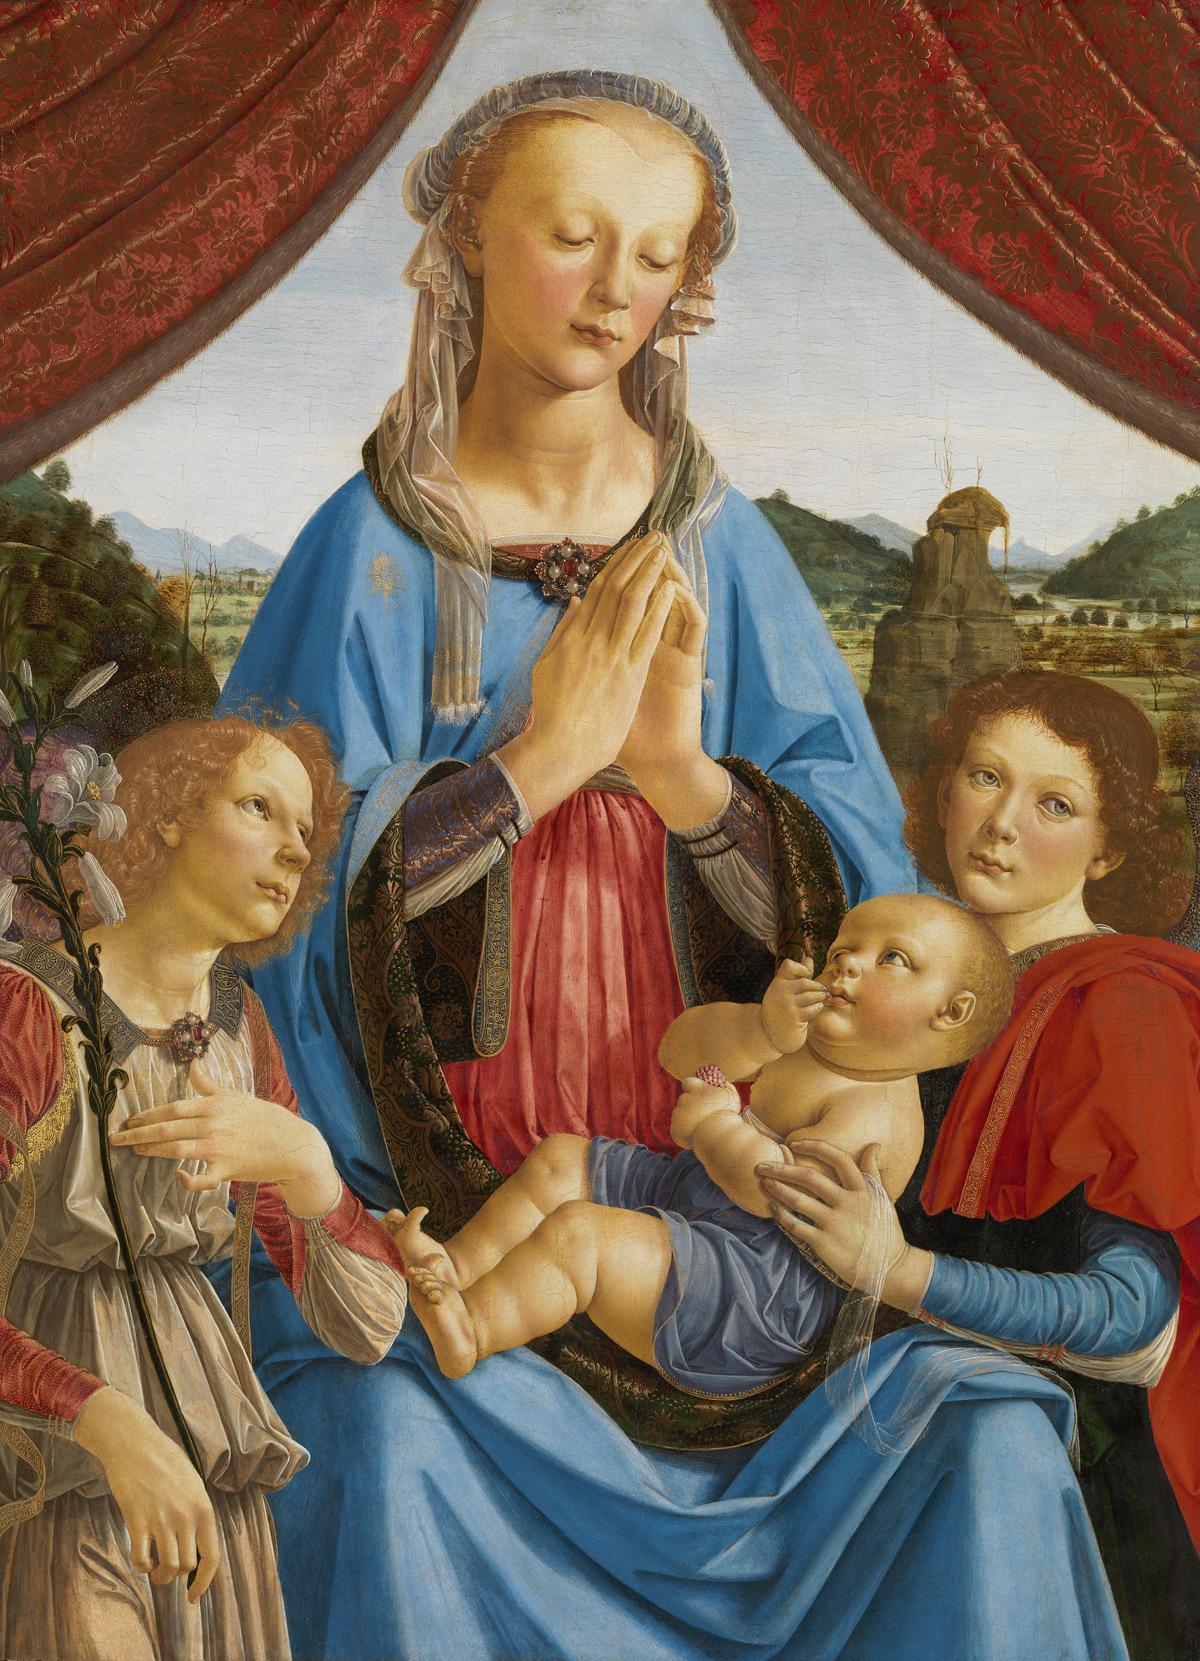 Andrea del Verrocchio, Madonna col Bambino e due angeli (1471-1472 circa; tempera su tavola, 96,5 x 70,5 cm; Londra, The National Gallery, inv. NG296)